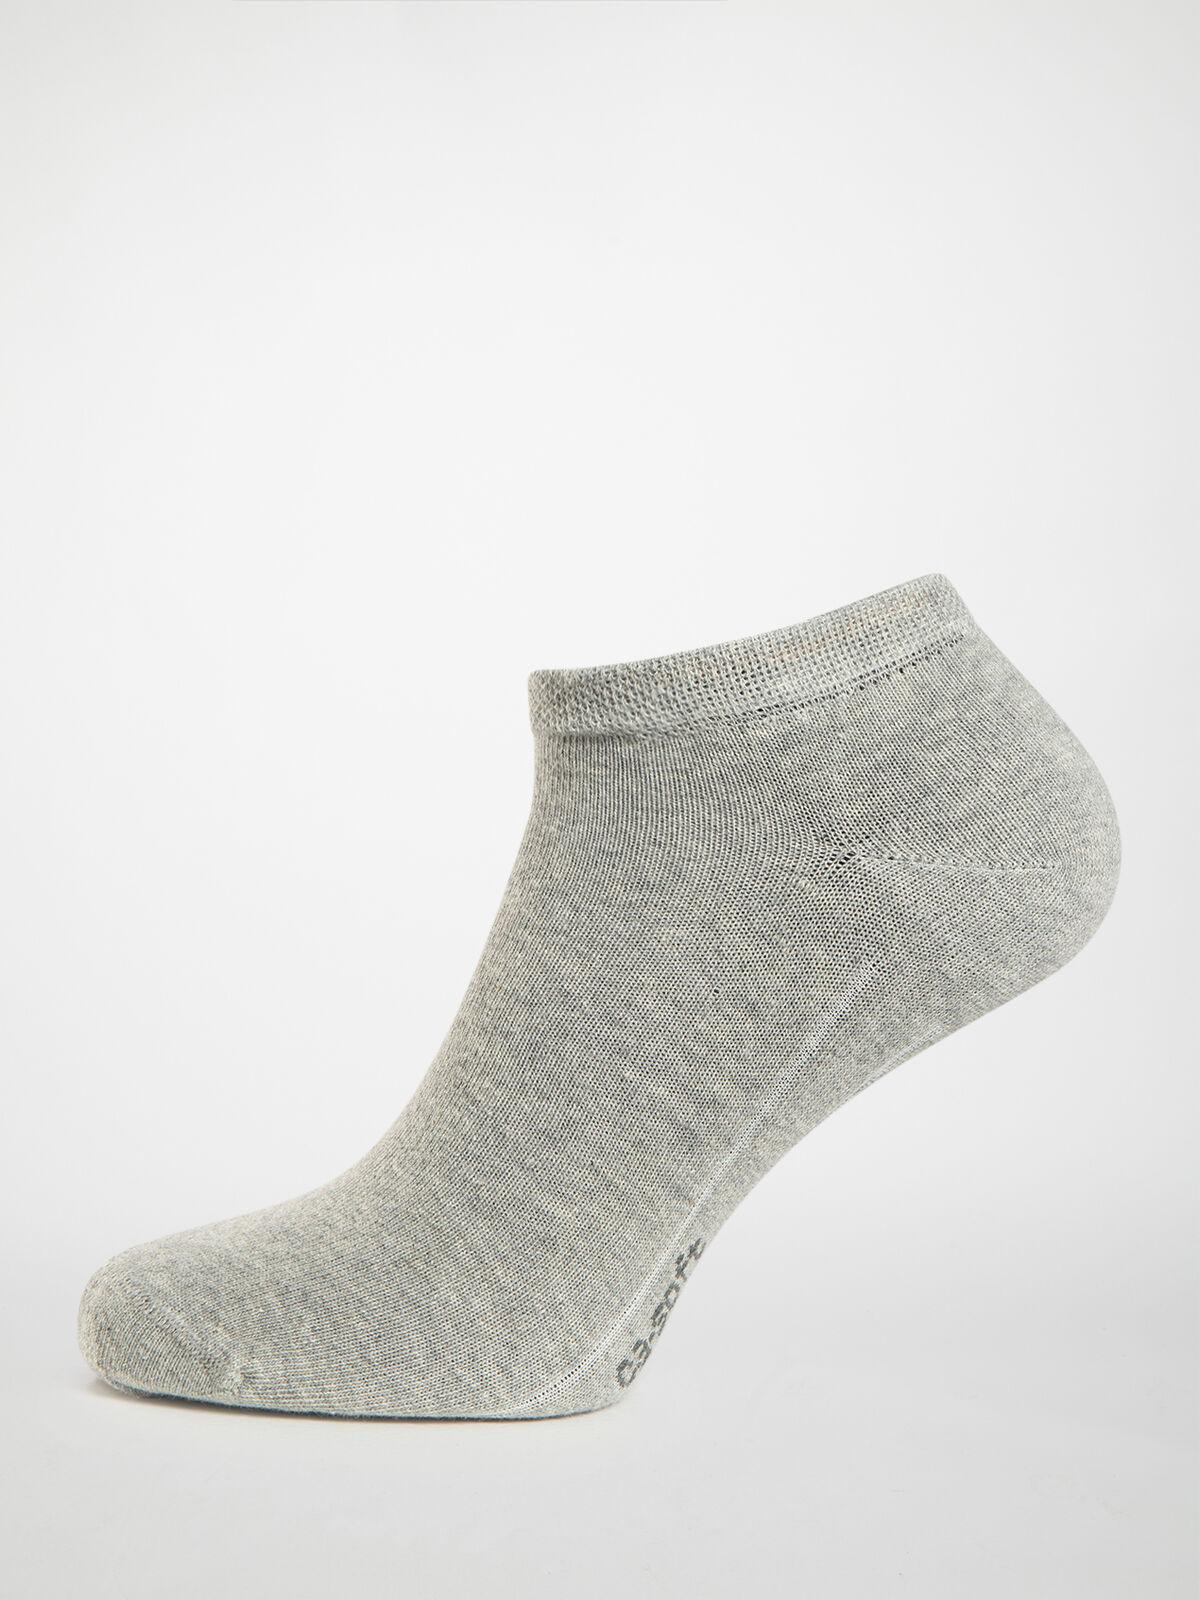 7-Pack of Socks